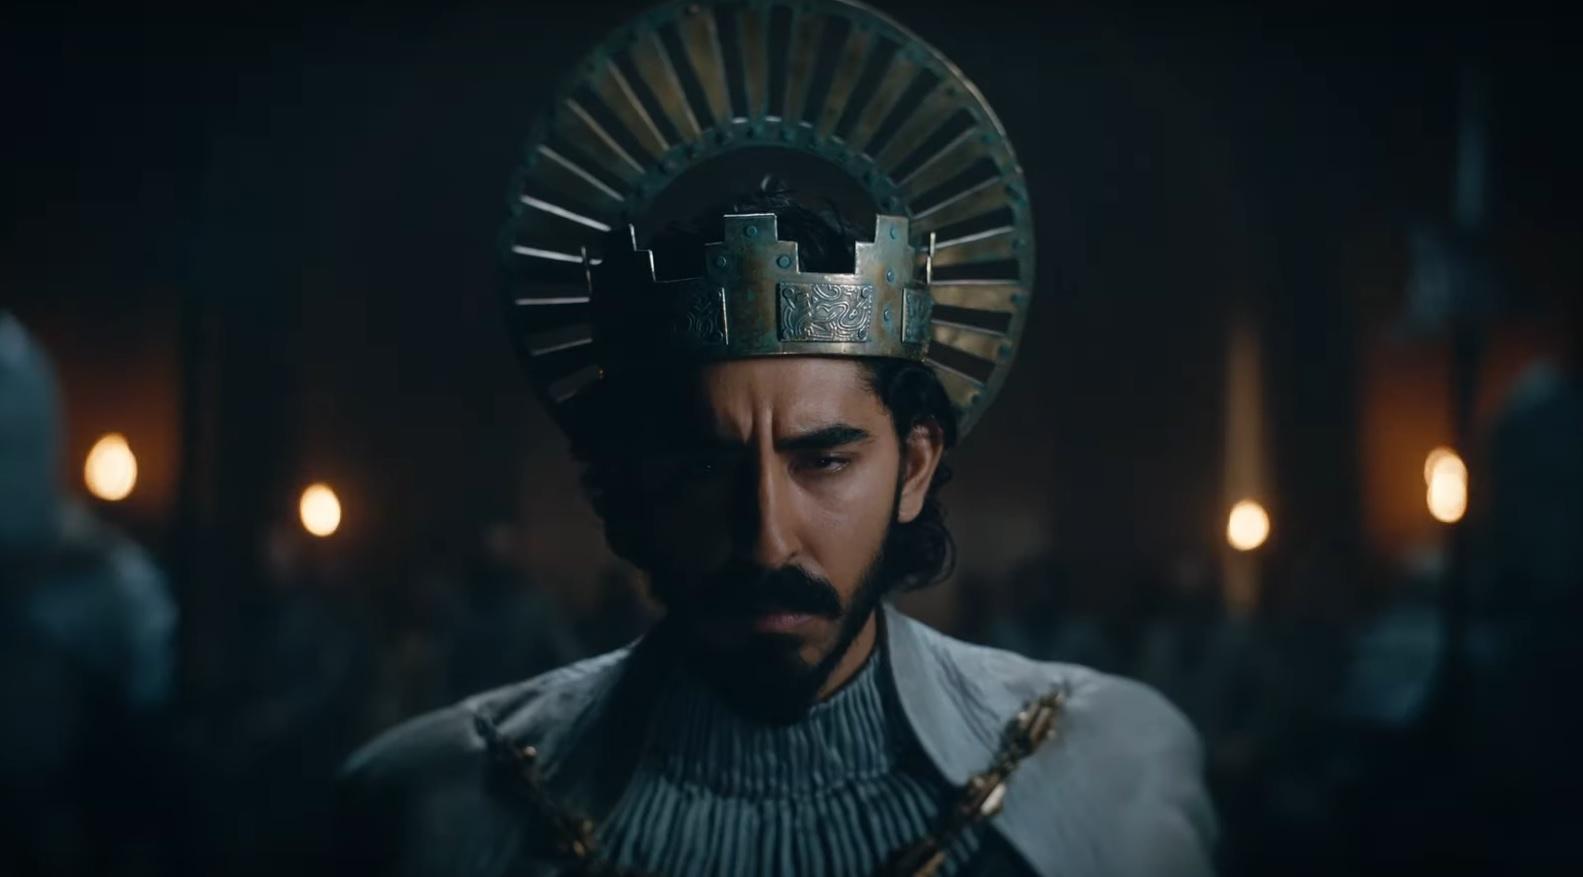 The Green Knight - Le film fantastique se dévoile dans un premier trailer